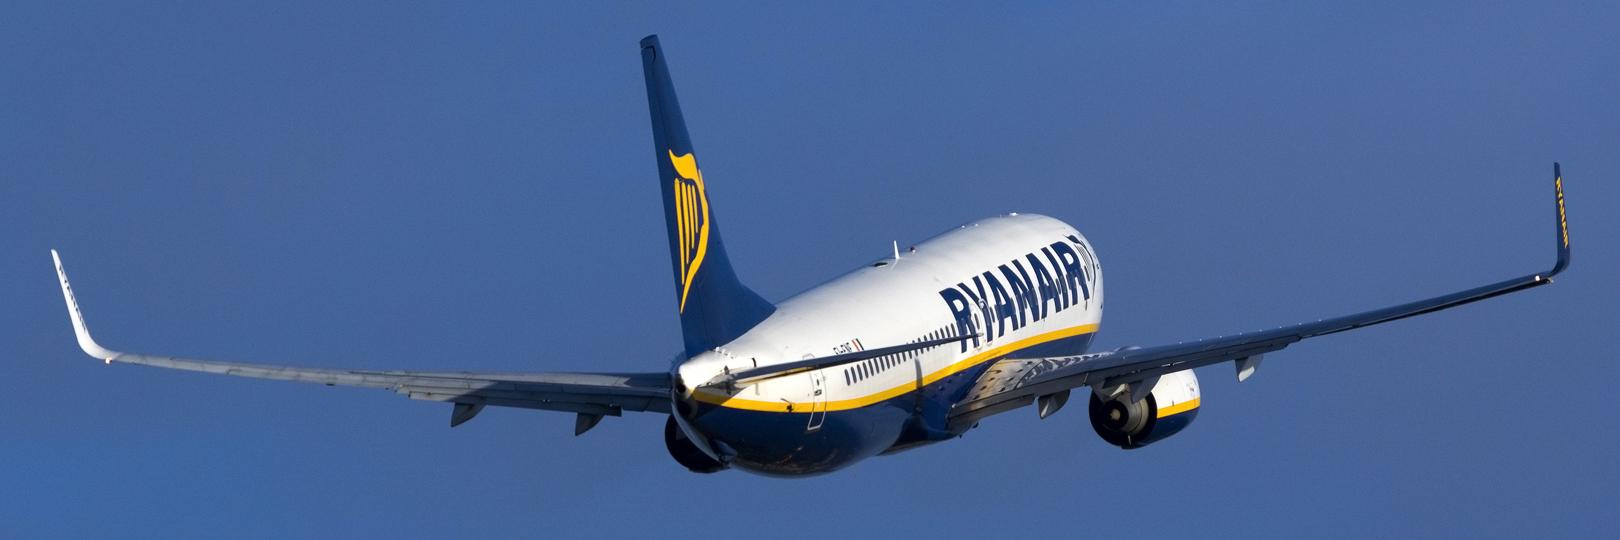 49€ για μια δωροκάρτα €100 σε εισιτήρια της Ryanair!